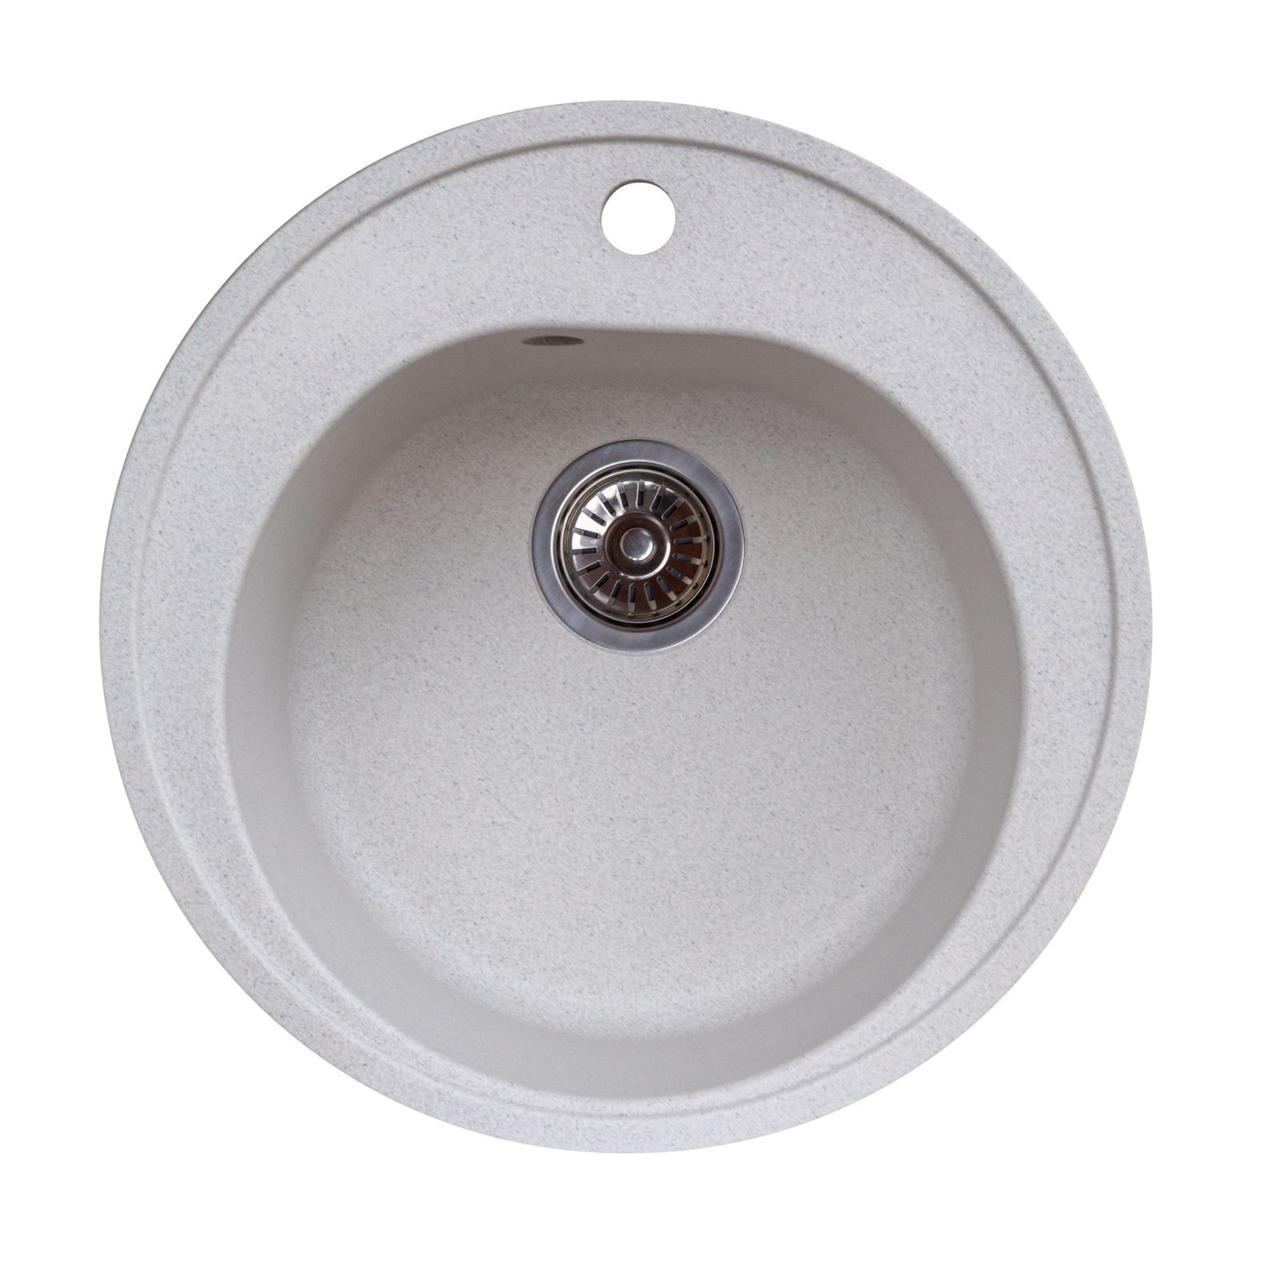 Гранітна мийка для кухні Platinum 510 LUNA матова Біла в точку